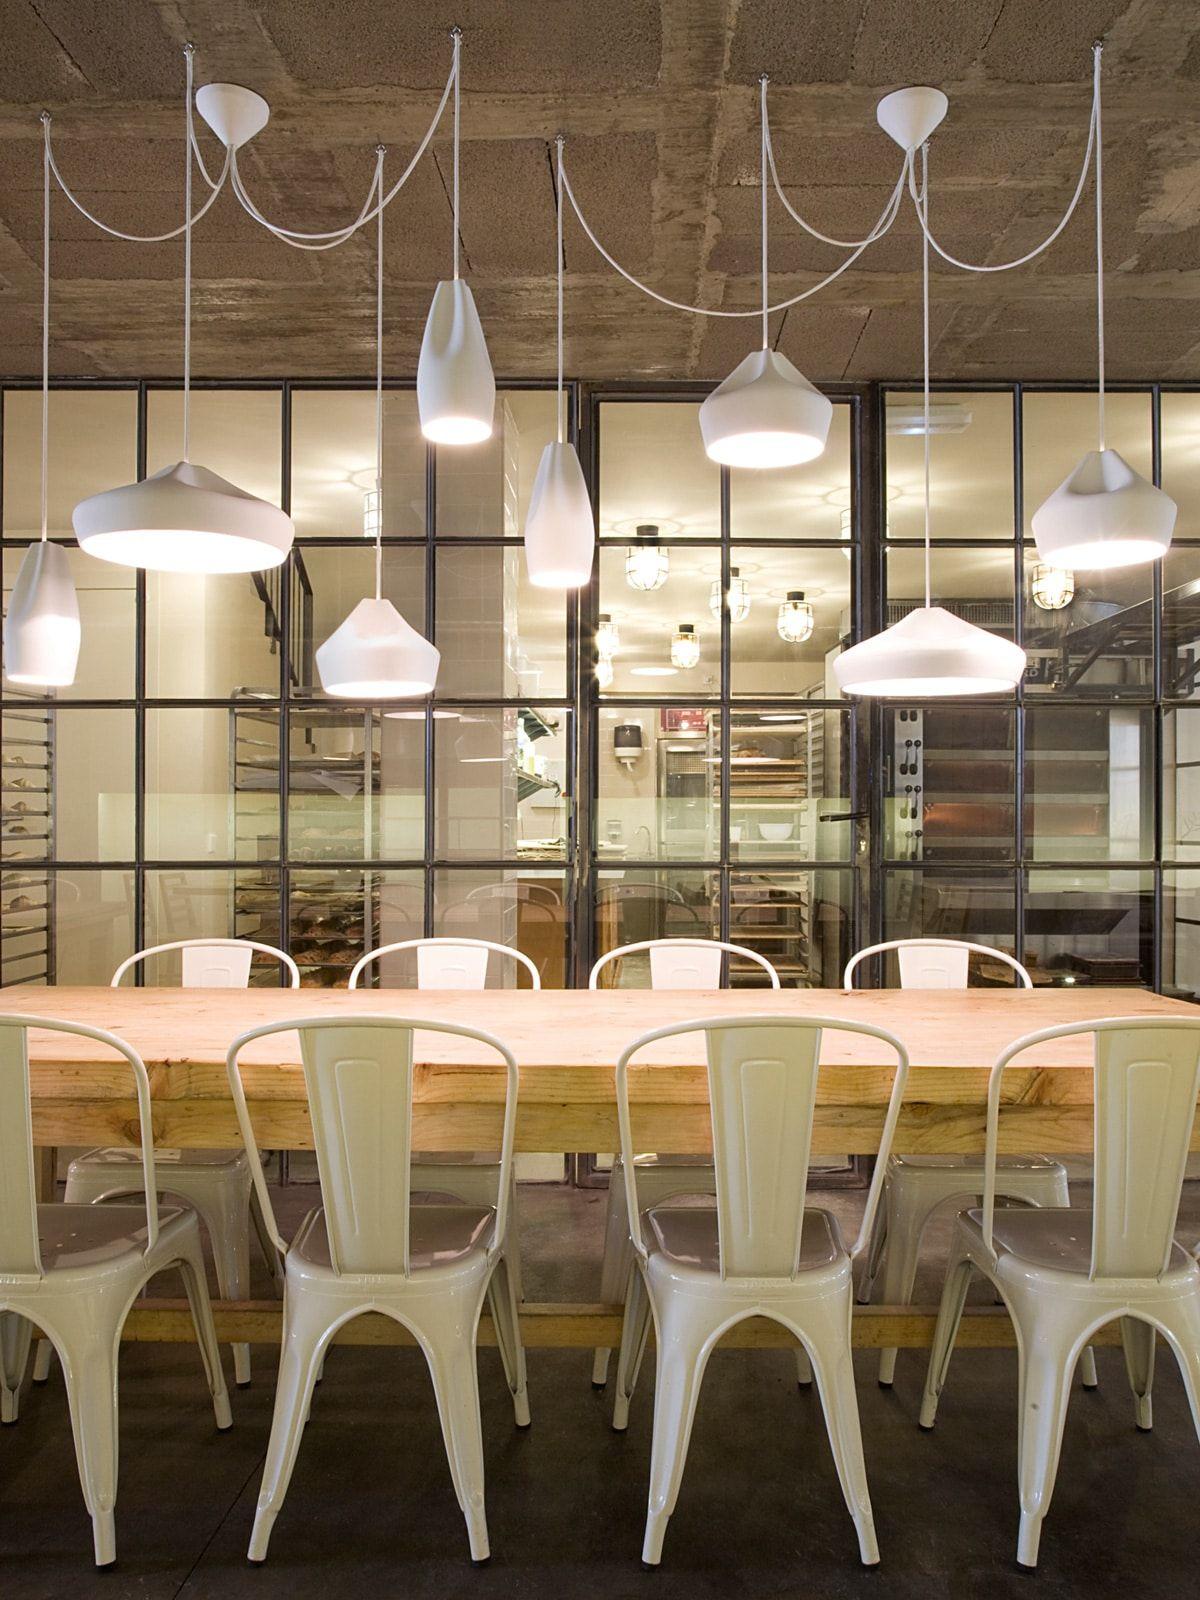 Pleat box 13 in 2019 wei e leuchten white lamps for Designerleuchten esszimmer